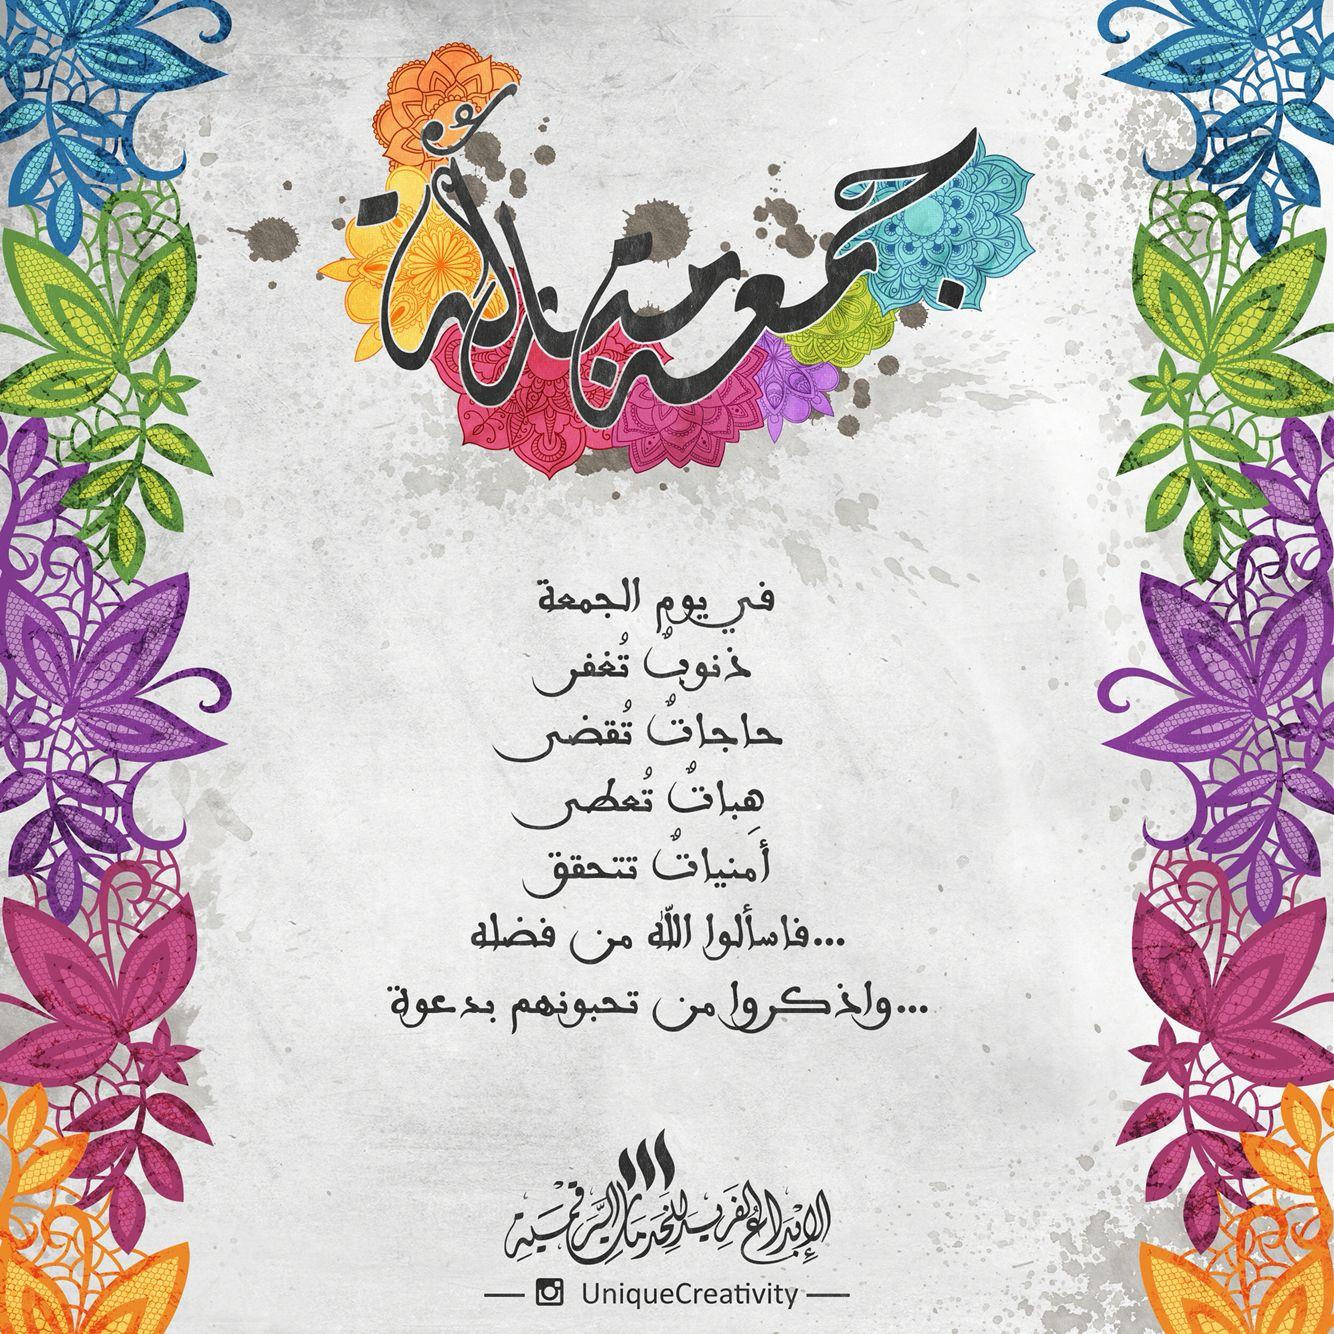 جمعة مباركة جمعة جمعة مباركة جمعة طيبة تصاميم المبدعين رمزيات اسلامية ناشر الخير اسلاميات المصمم Eid Cards Blessed Friday Happy Friday